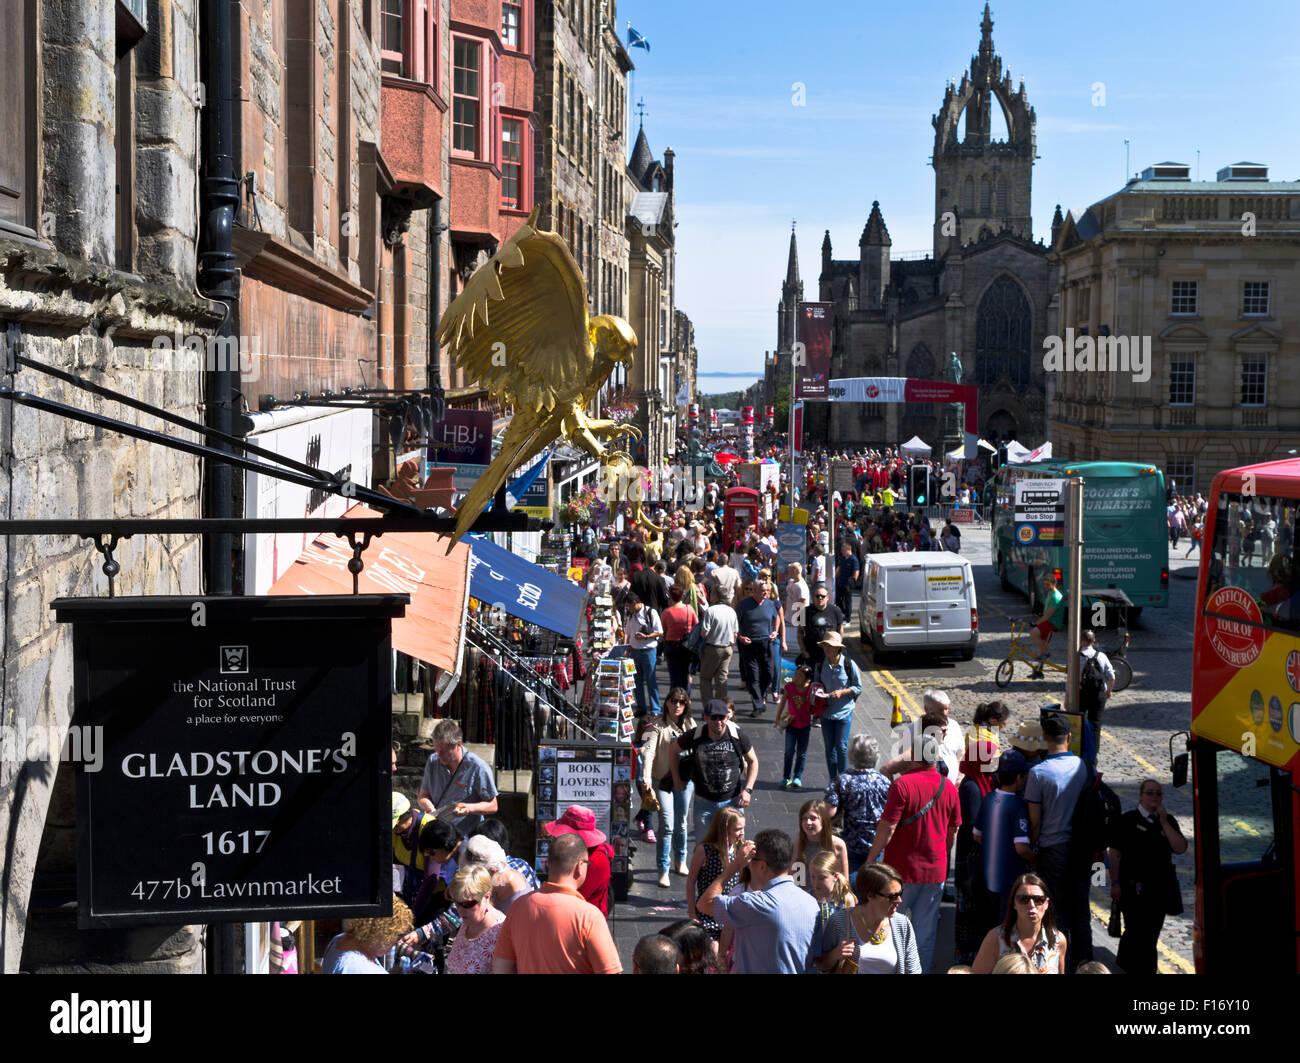 Aux origines de James Bond Dh-lawnmarket-le-royal-mile-d-edimbourg-edimbourg-gladstones-land-rue-bondee-de-touristes-occupes-foule-gens-ecosse-f16y10